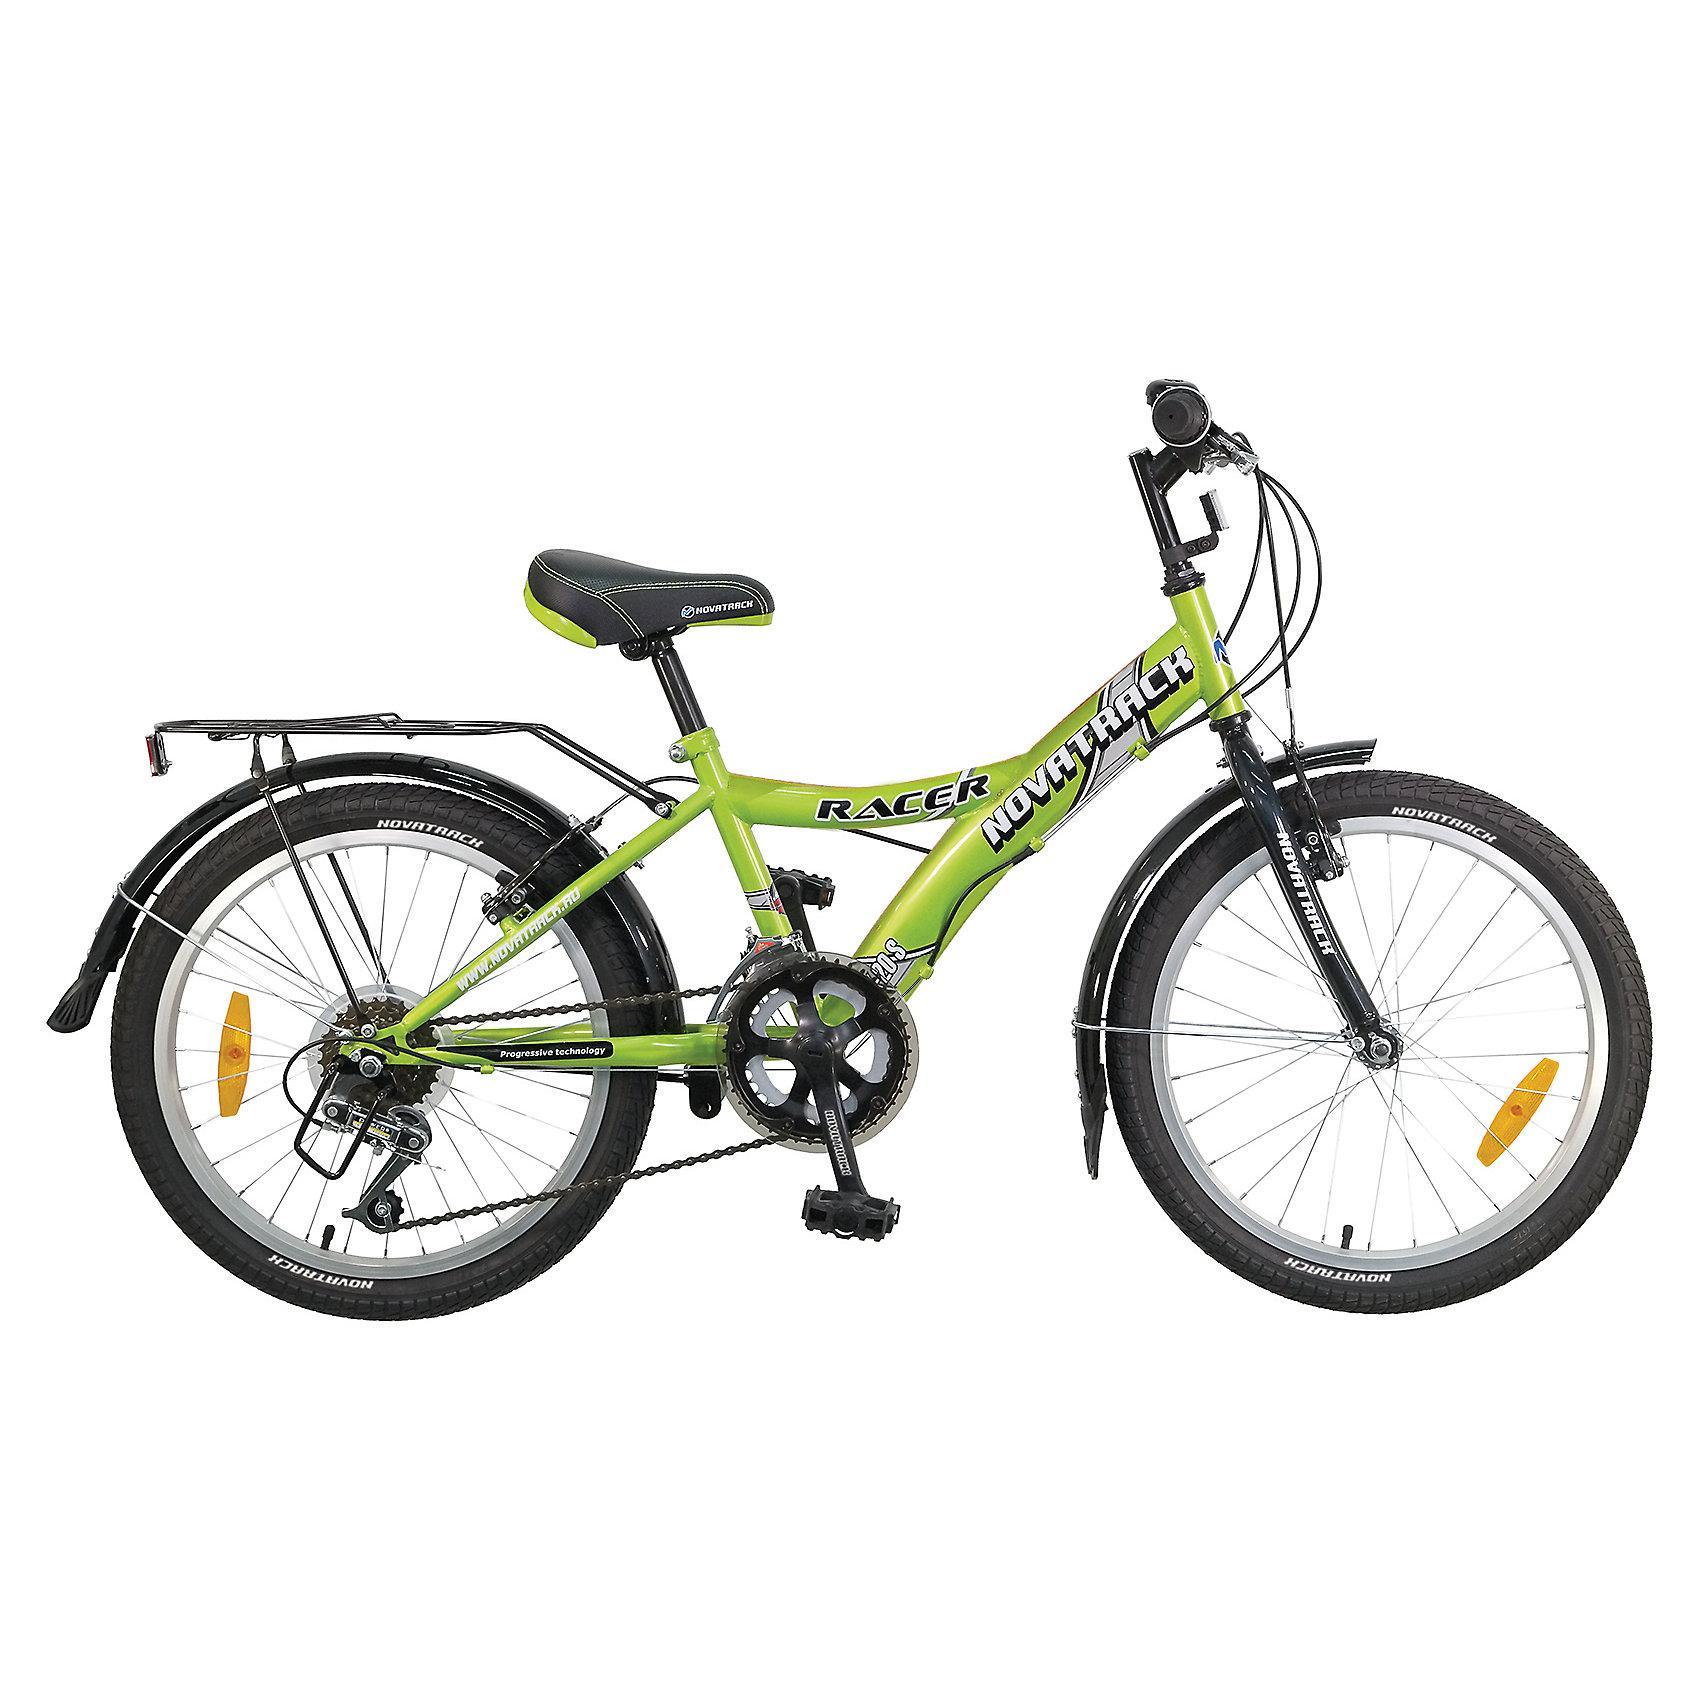 Велосипед RACER, зеленый, 20 дюймов, NovatrackВелосипеды детские<br>Велосипед Novatrack Racer 20'' – это один из лучших велосипедов для ребят 7-10 лет. Привлекательный дизайн, надежная сборка, легкость и отличная управляемость – это еще не все плюсы данной модели. Низкая рама разработана таким образом, что ребенку очень легко взбираться и слезать с велосипеда, да и спрыгивать тоже, в случае непредвиденных обстоятельств во время катания. Велосипед полностью укомплектован и обязательно понравится маленькому велосипедисту: тормоза типа V-brake, переключение скоростей, а их, между прочим, целых 6, багажник для перевозки небольших грузов, блестящие катафоты, агрессивные пластиковые крылья.<br><br>Велосипед RACER, зеленый, 20 дюймов, Novatrack можно купить в нашем интернет-магазине.<br><br>Ширина мм: 1100<br>Глубина мм: 180<br>Высота мм: 520<br>Вес г: 14000<br>Возраст от месяцев: 84<br>Возраст до месяцев: 120<br>Пол: Унисекс<br>Возраст: Детский<br>SKU: 5613221